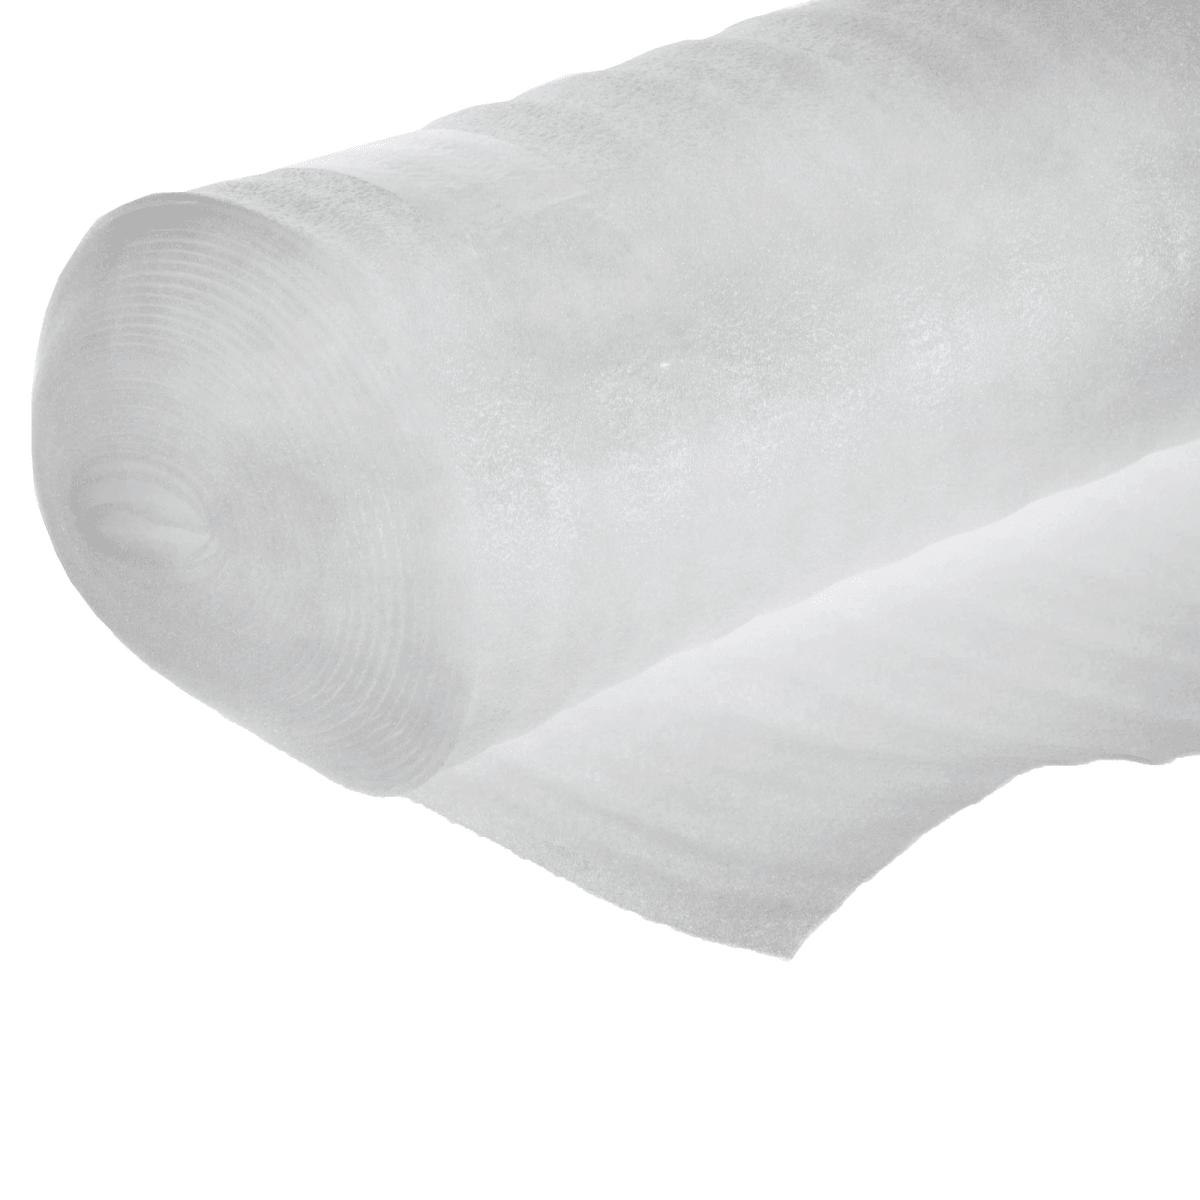 Подложка Порилекс ВПЭ 2 мм, 12 м²